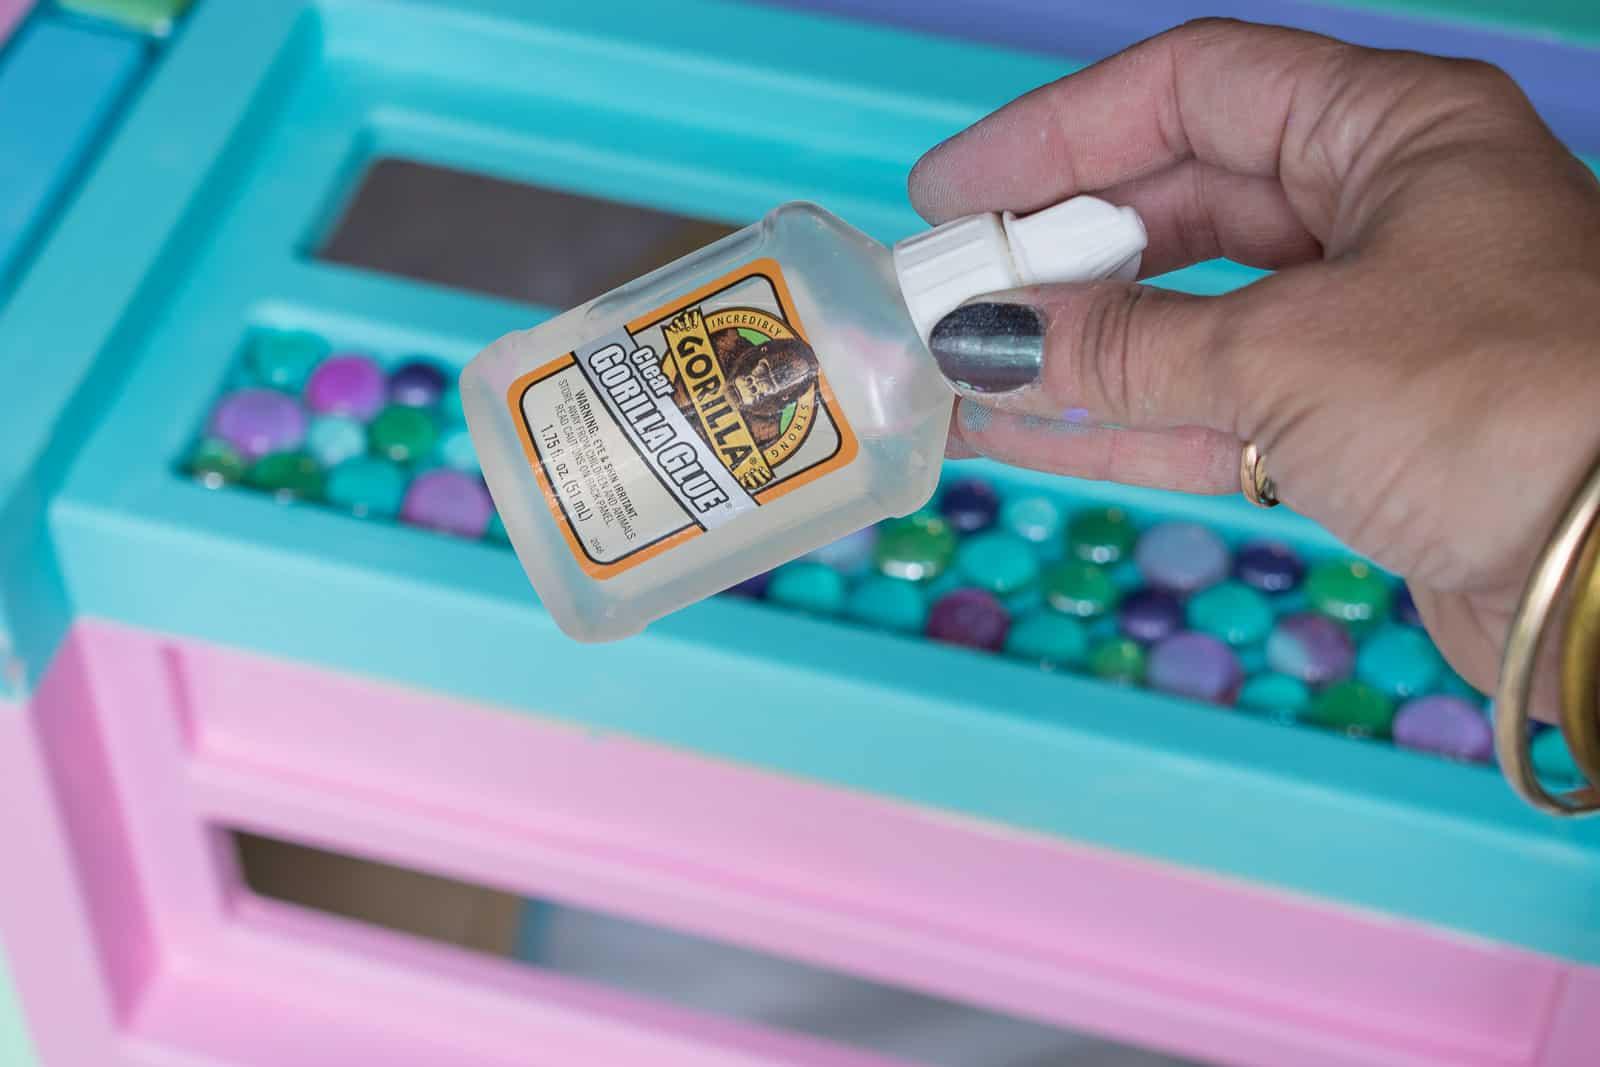 using gorilla glue to attach the gems